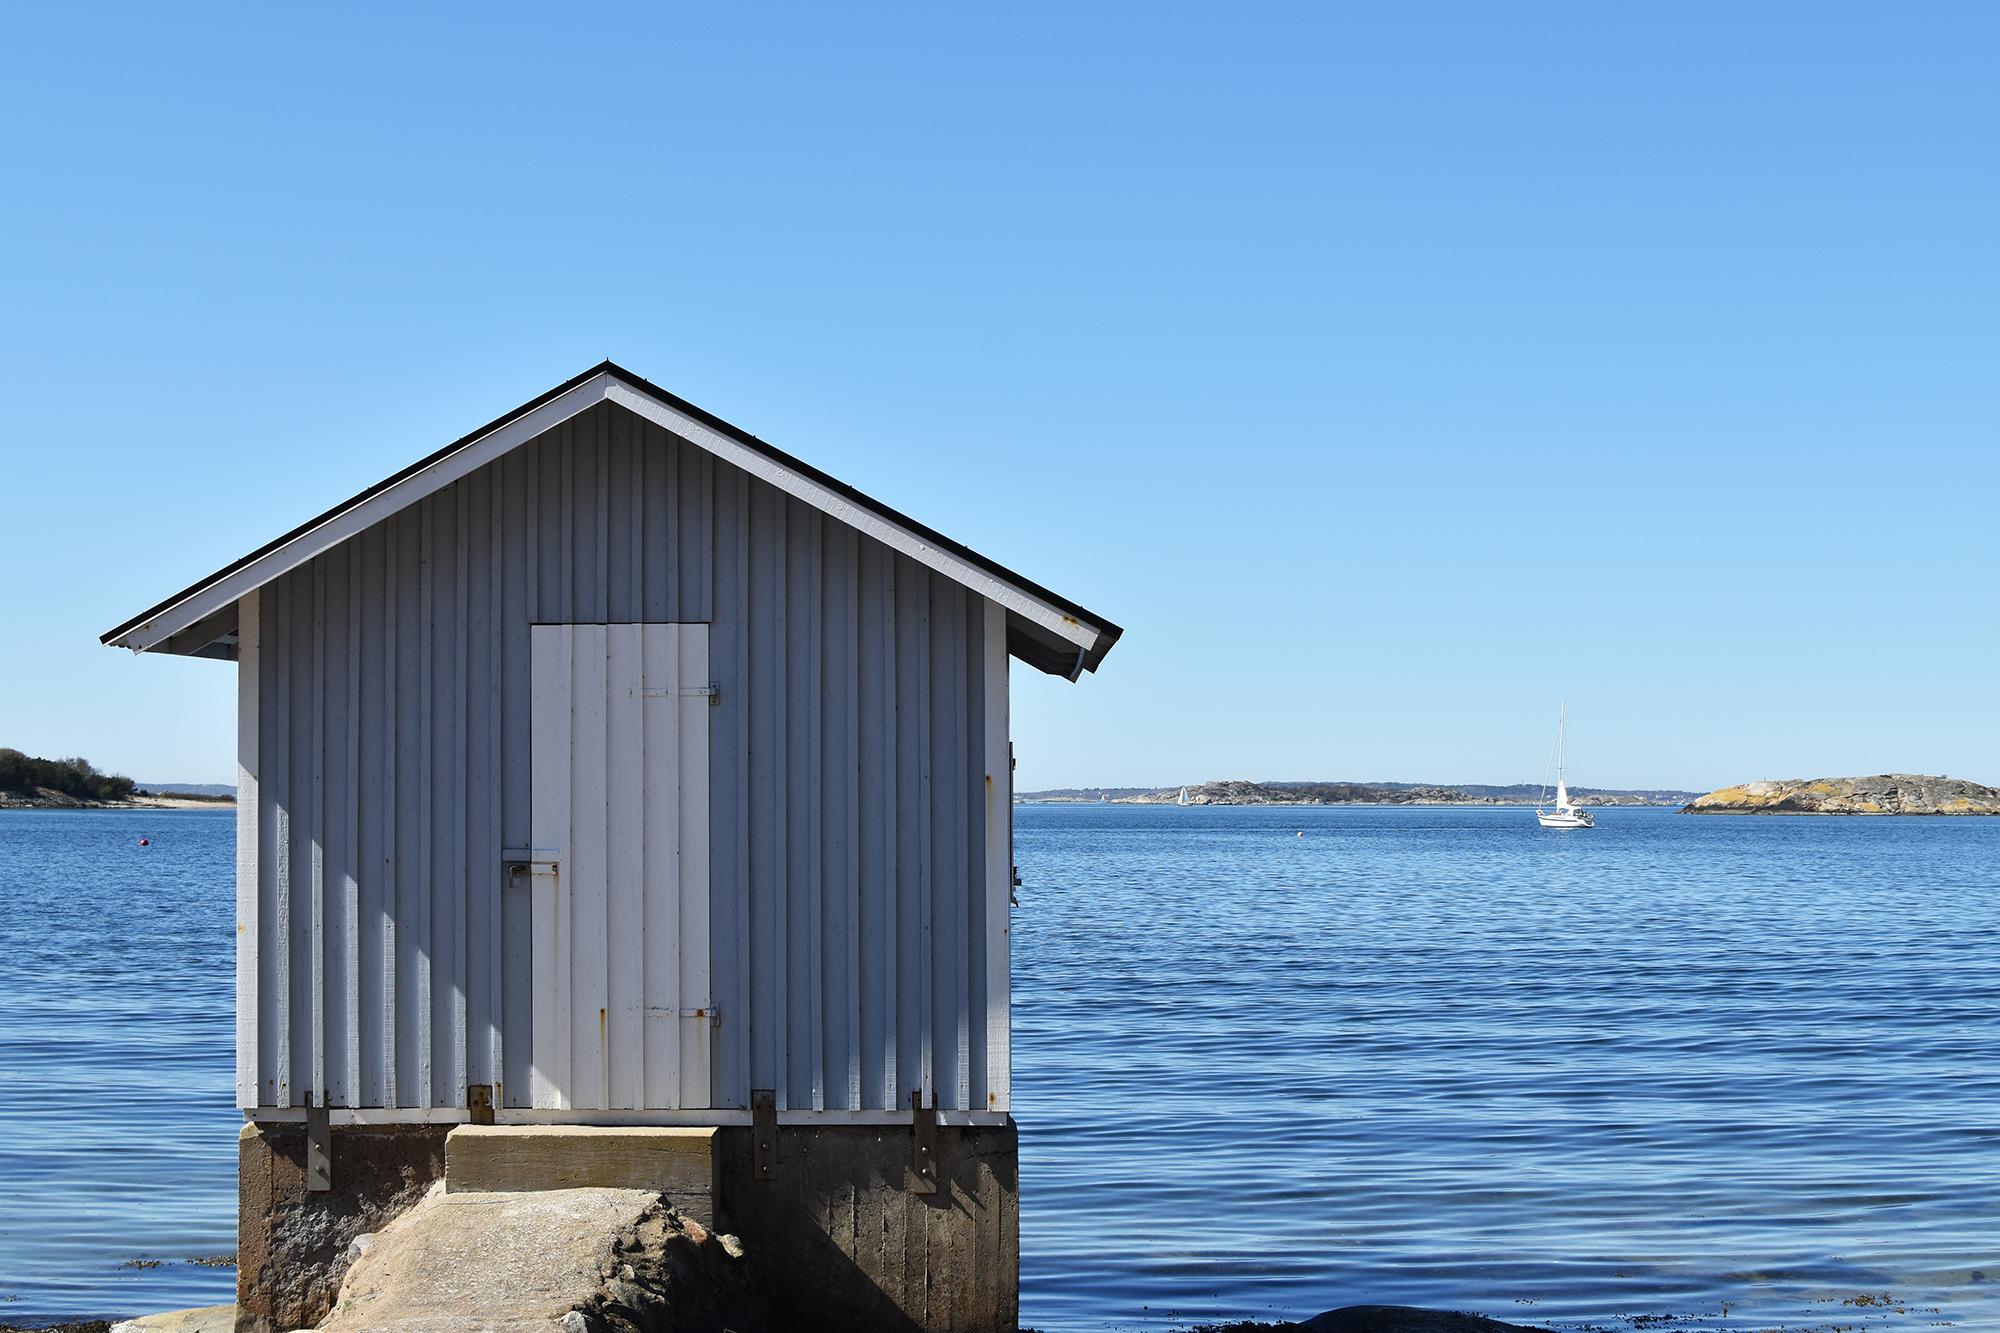 En sjöbod vid havet, med en segelbåt i bakgrunden och klarblått vatten i Göteborgs södra skärgård, söder om Göteborg city cirka en kilometer från bostäder och handel i Nya Hovås.